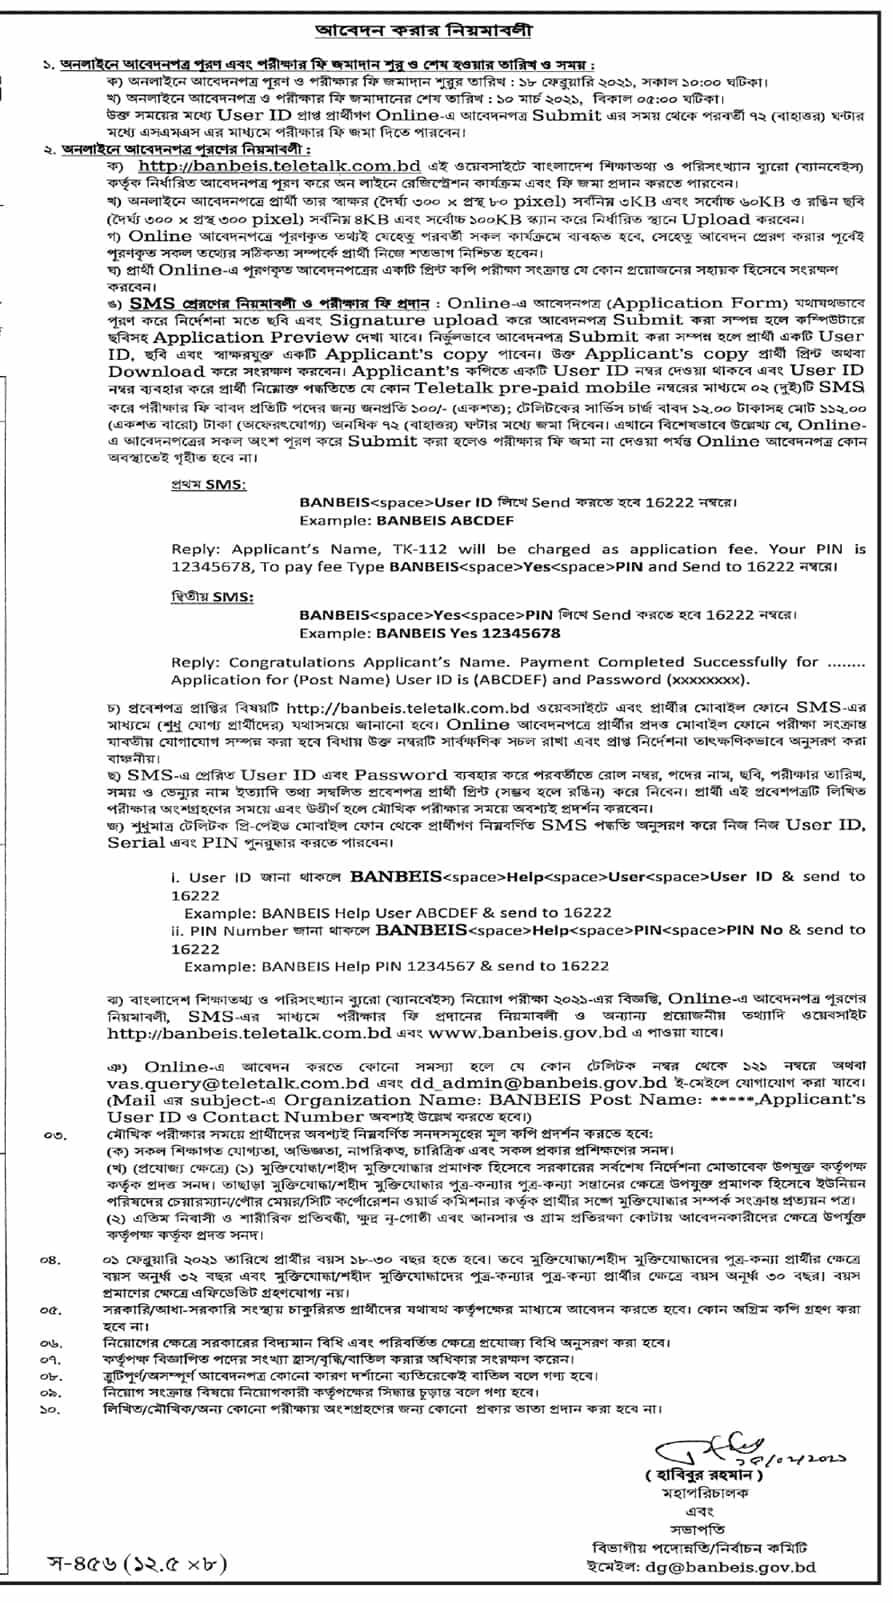 বাংলাদেশ শিক্ষাতথ্য ও পরিসংখ্যান ব্যুরো (ব্যানবেইস) নিয়োগ ২০২১